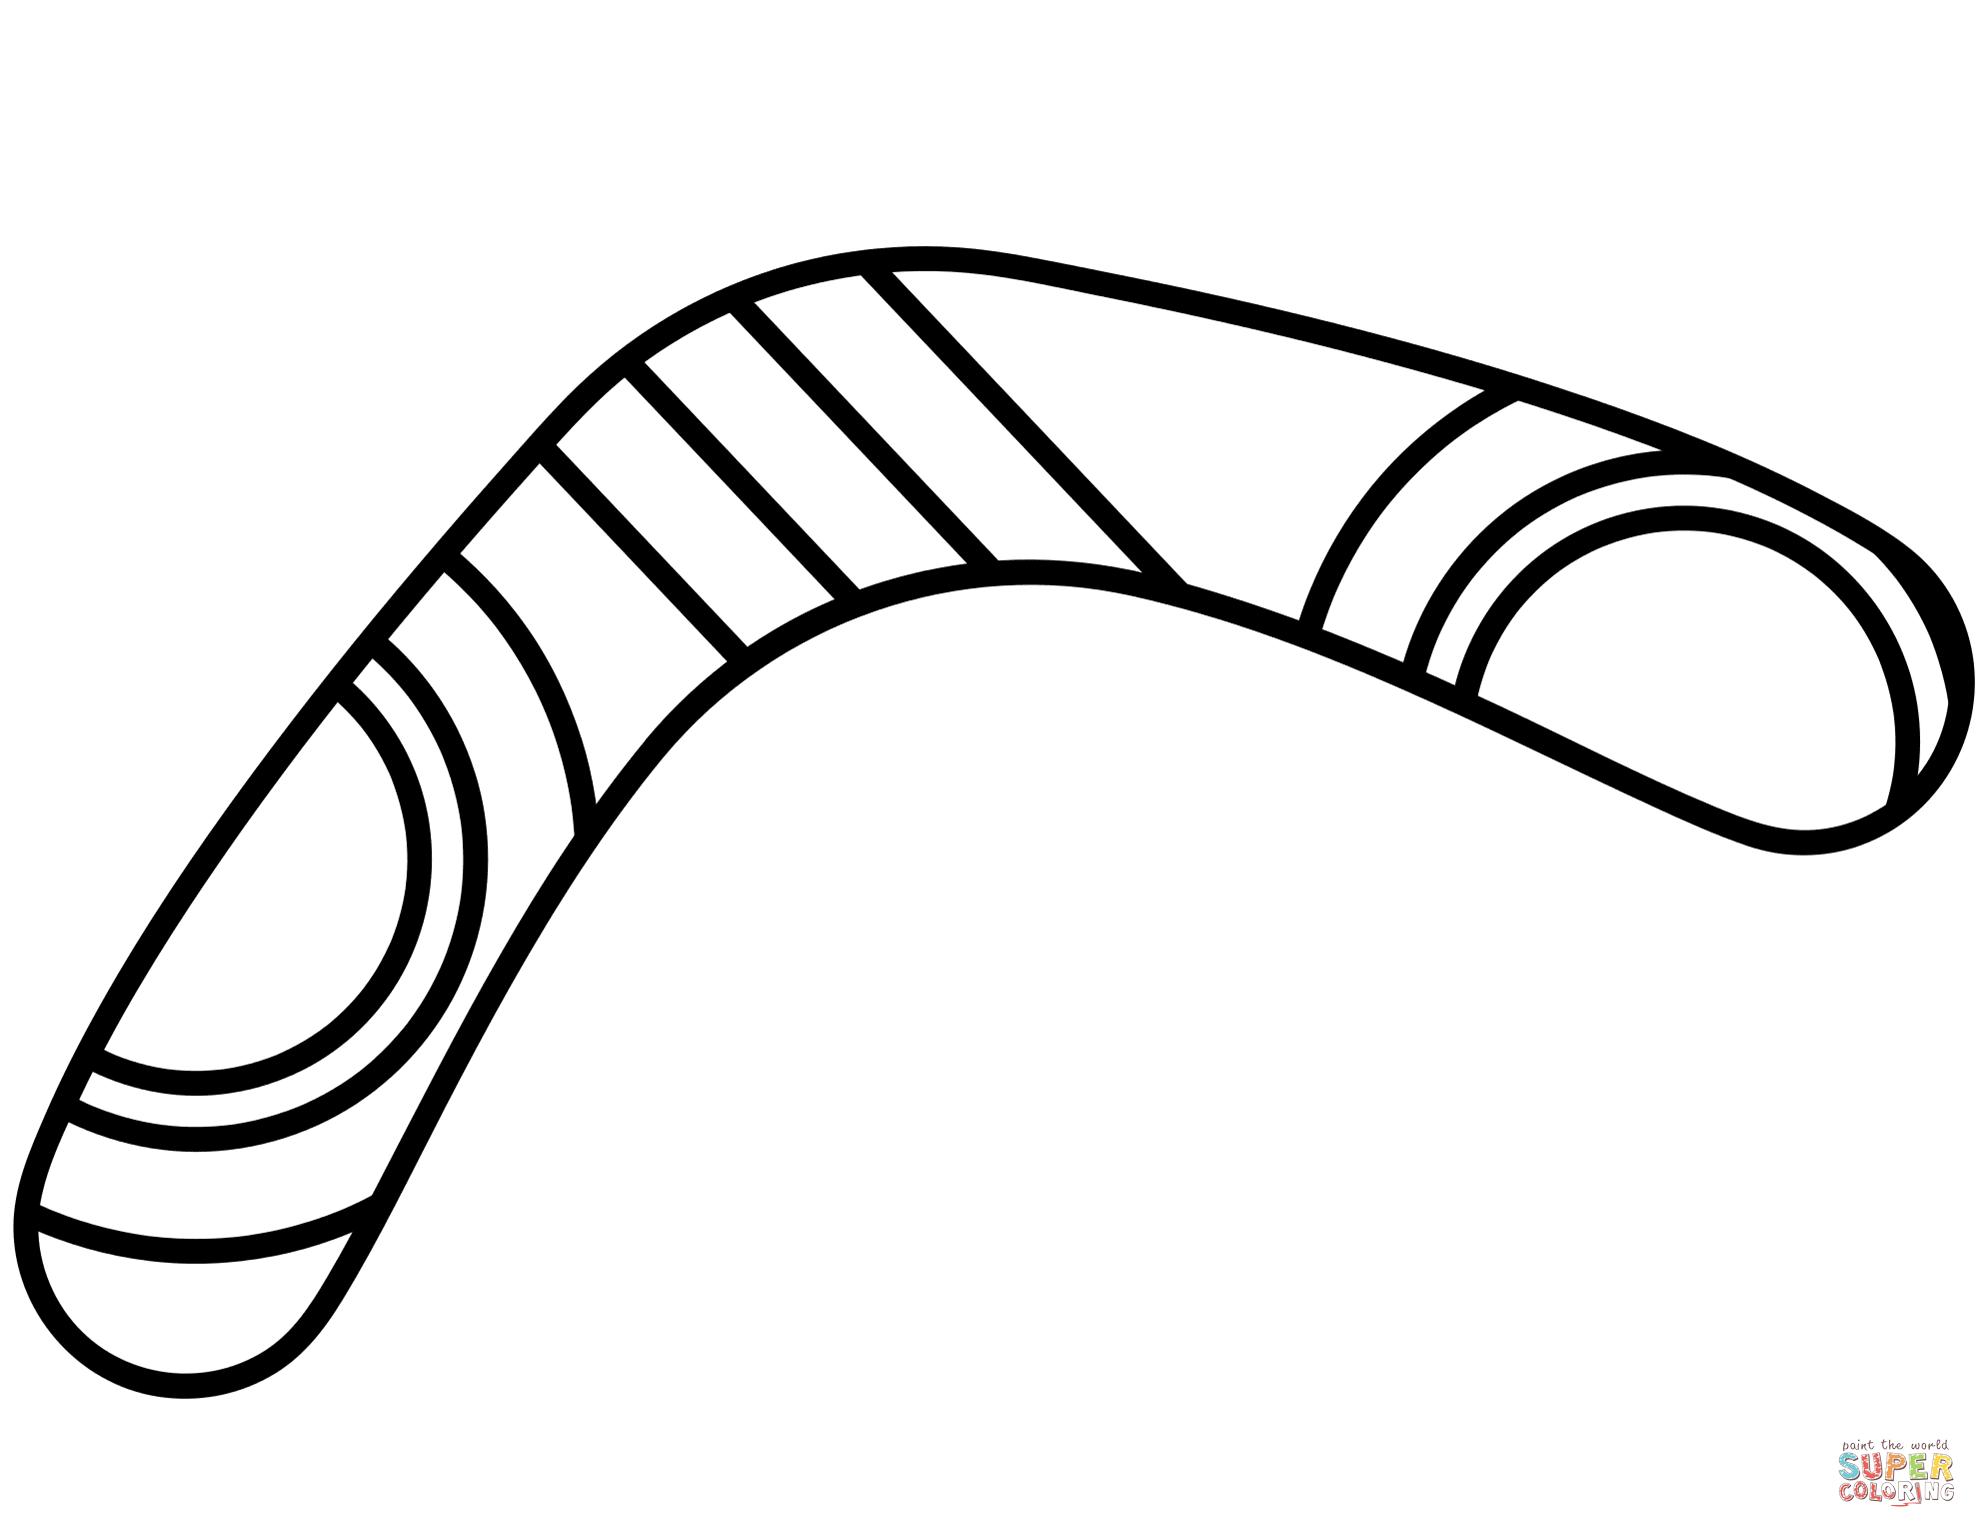 Boomerang Coloring Page